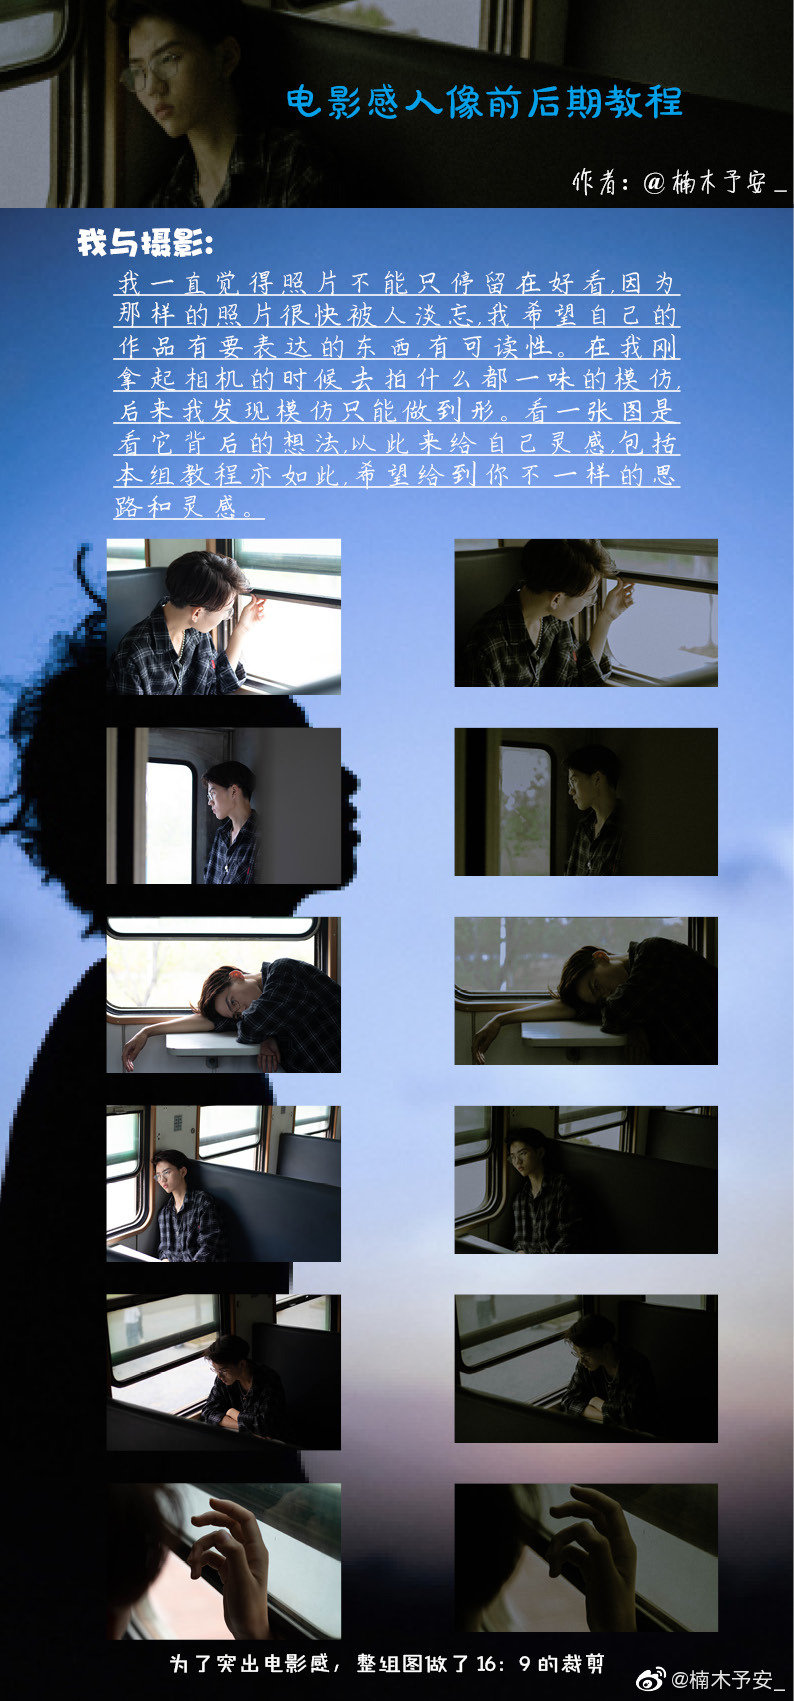 摄影教程教你电影感人像前后期教程@楠木予安_